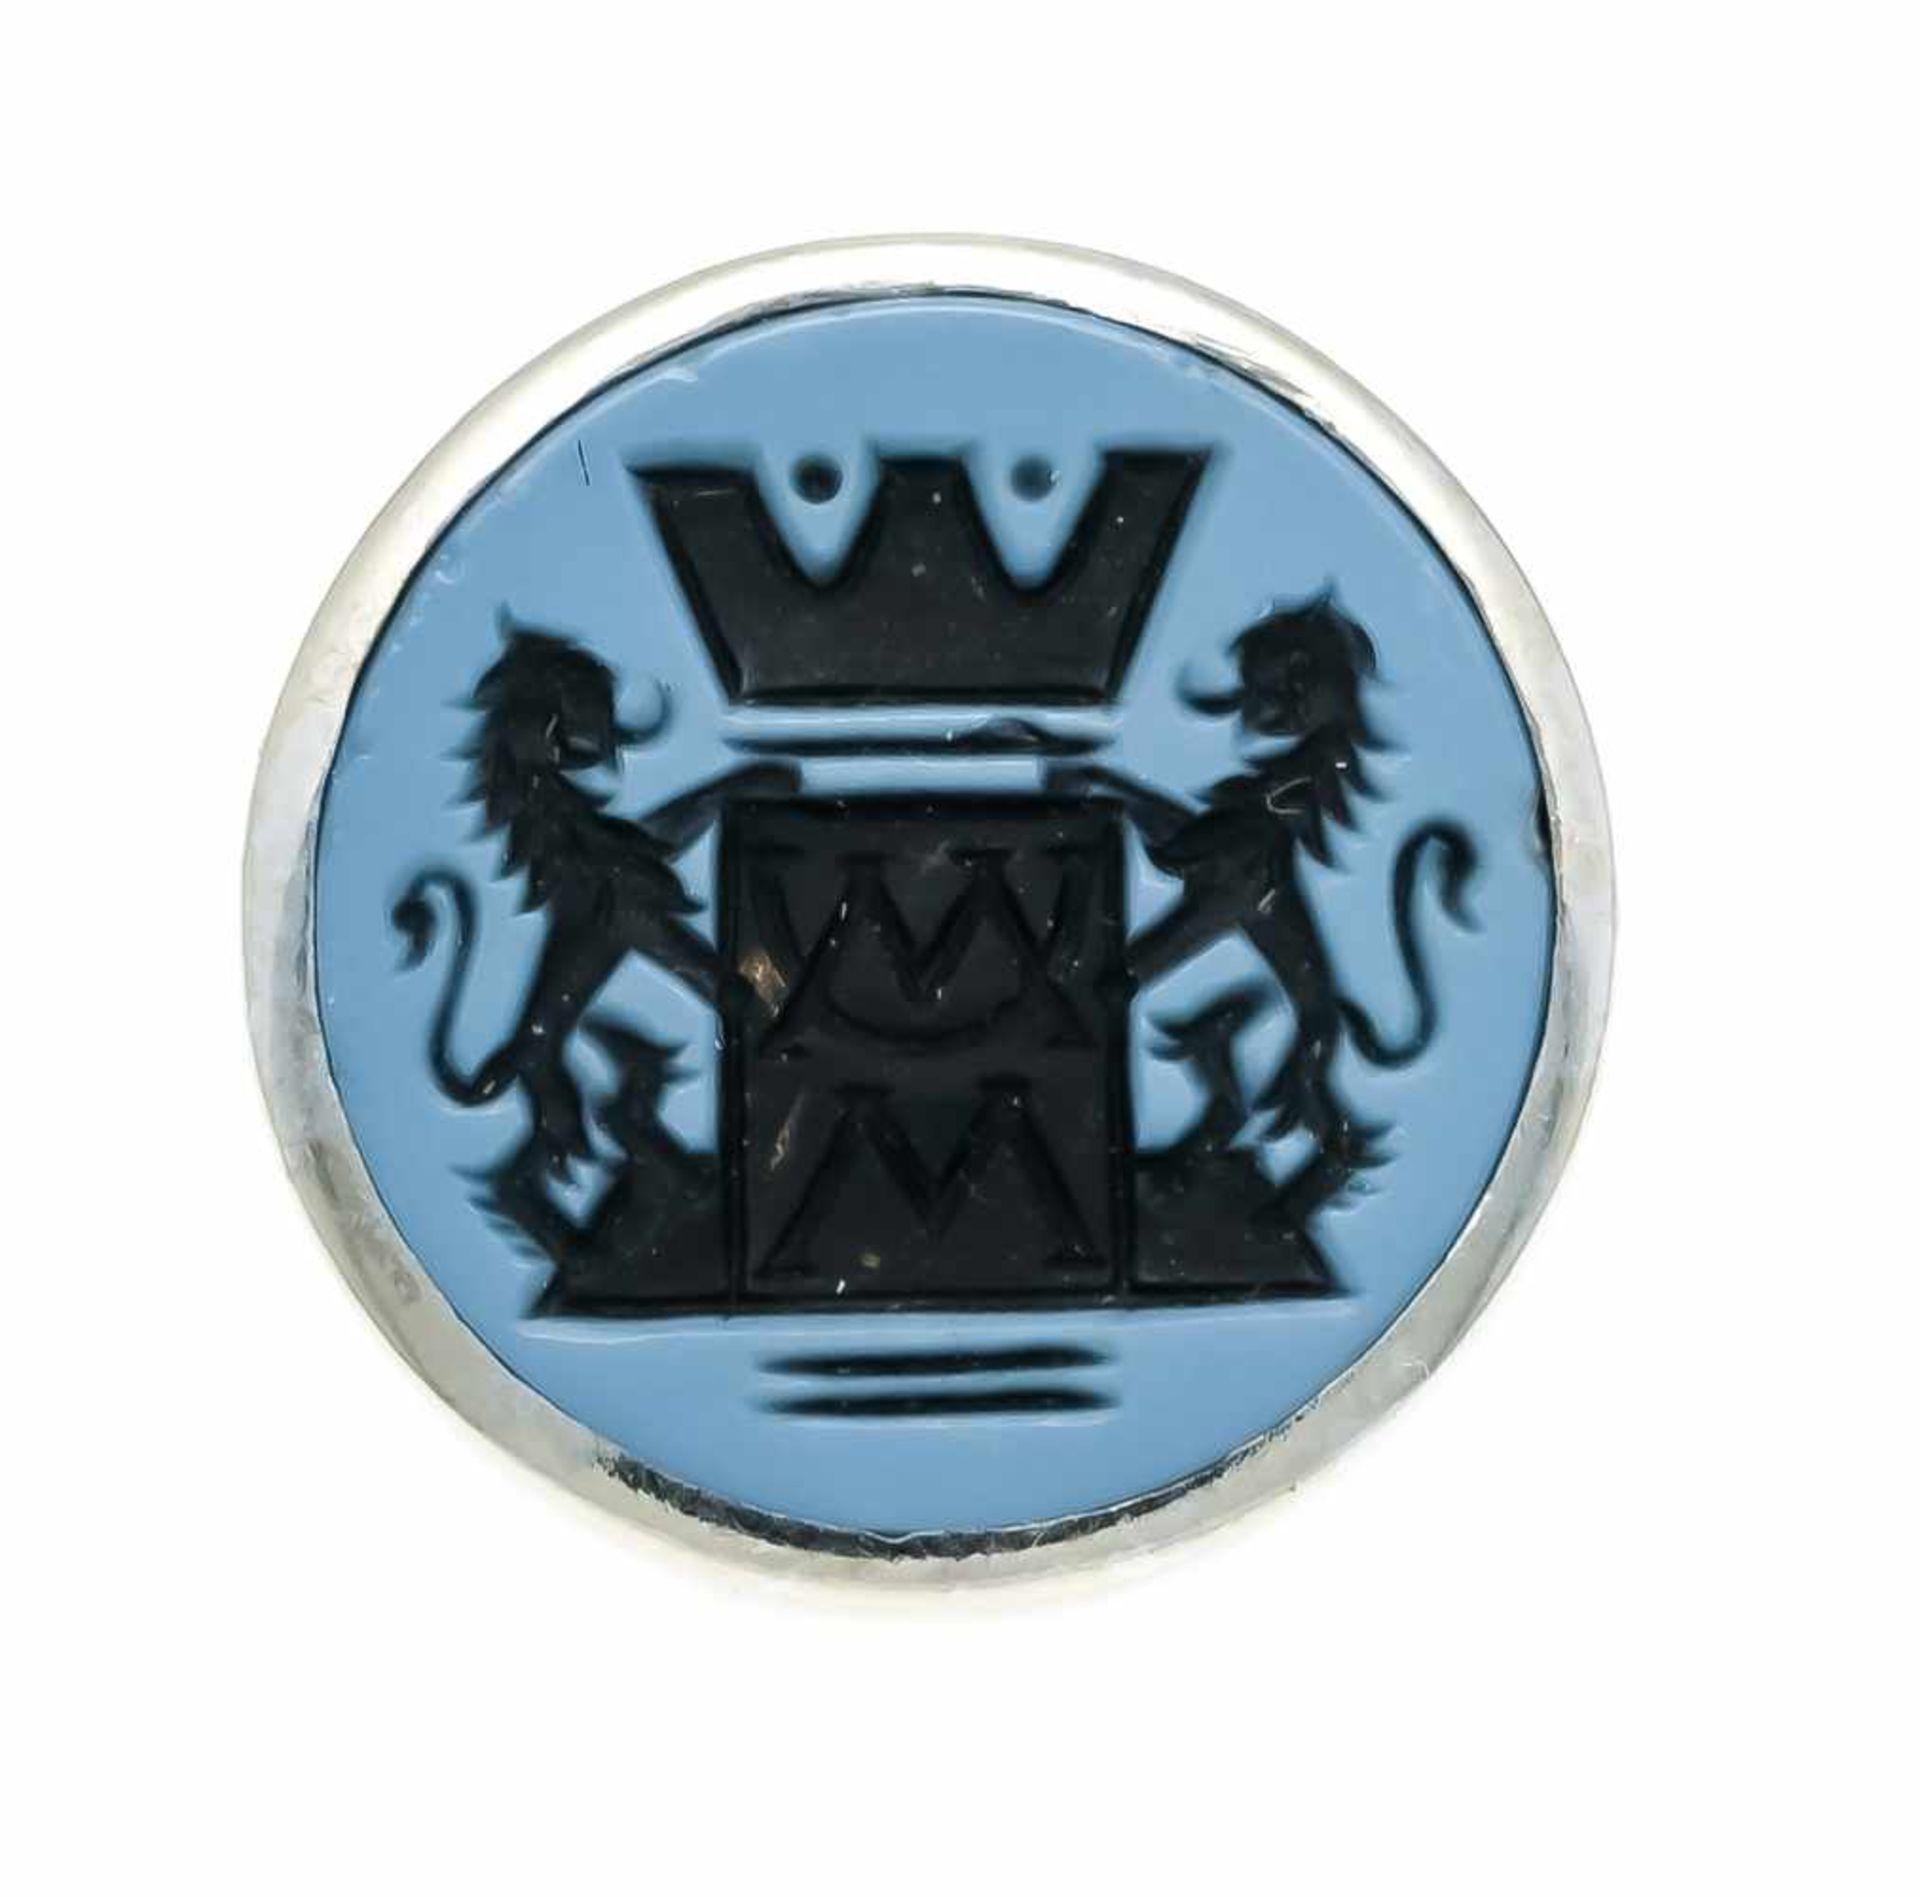 Wappen-Anstecker WG 700/000 ungest., gepr., mit einem runden, feingeschnitzten Lagenstein-Wappen